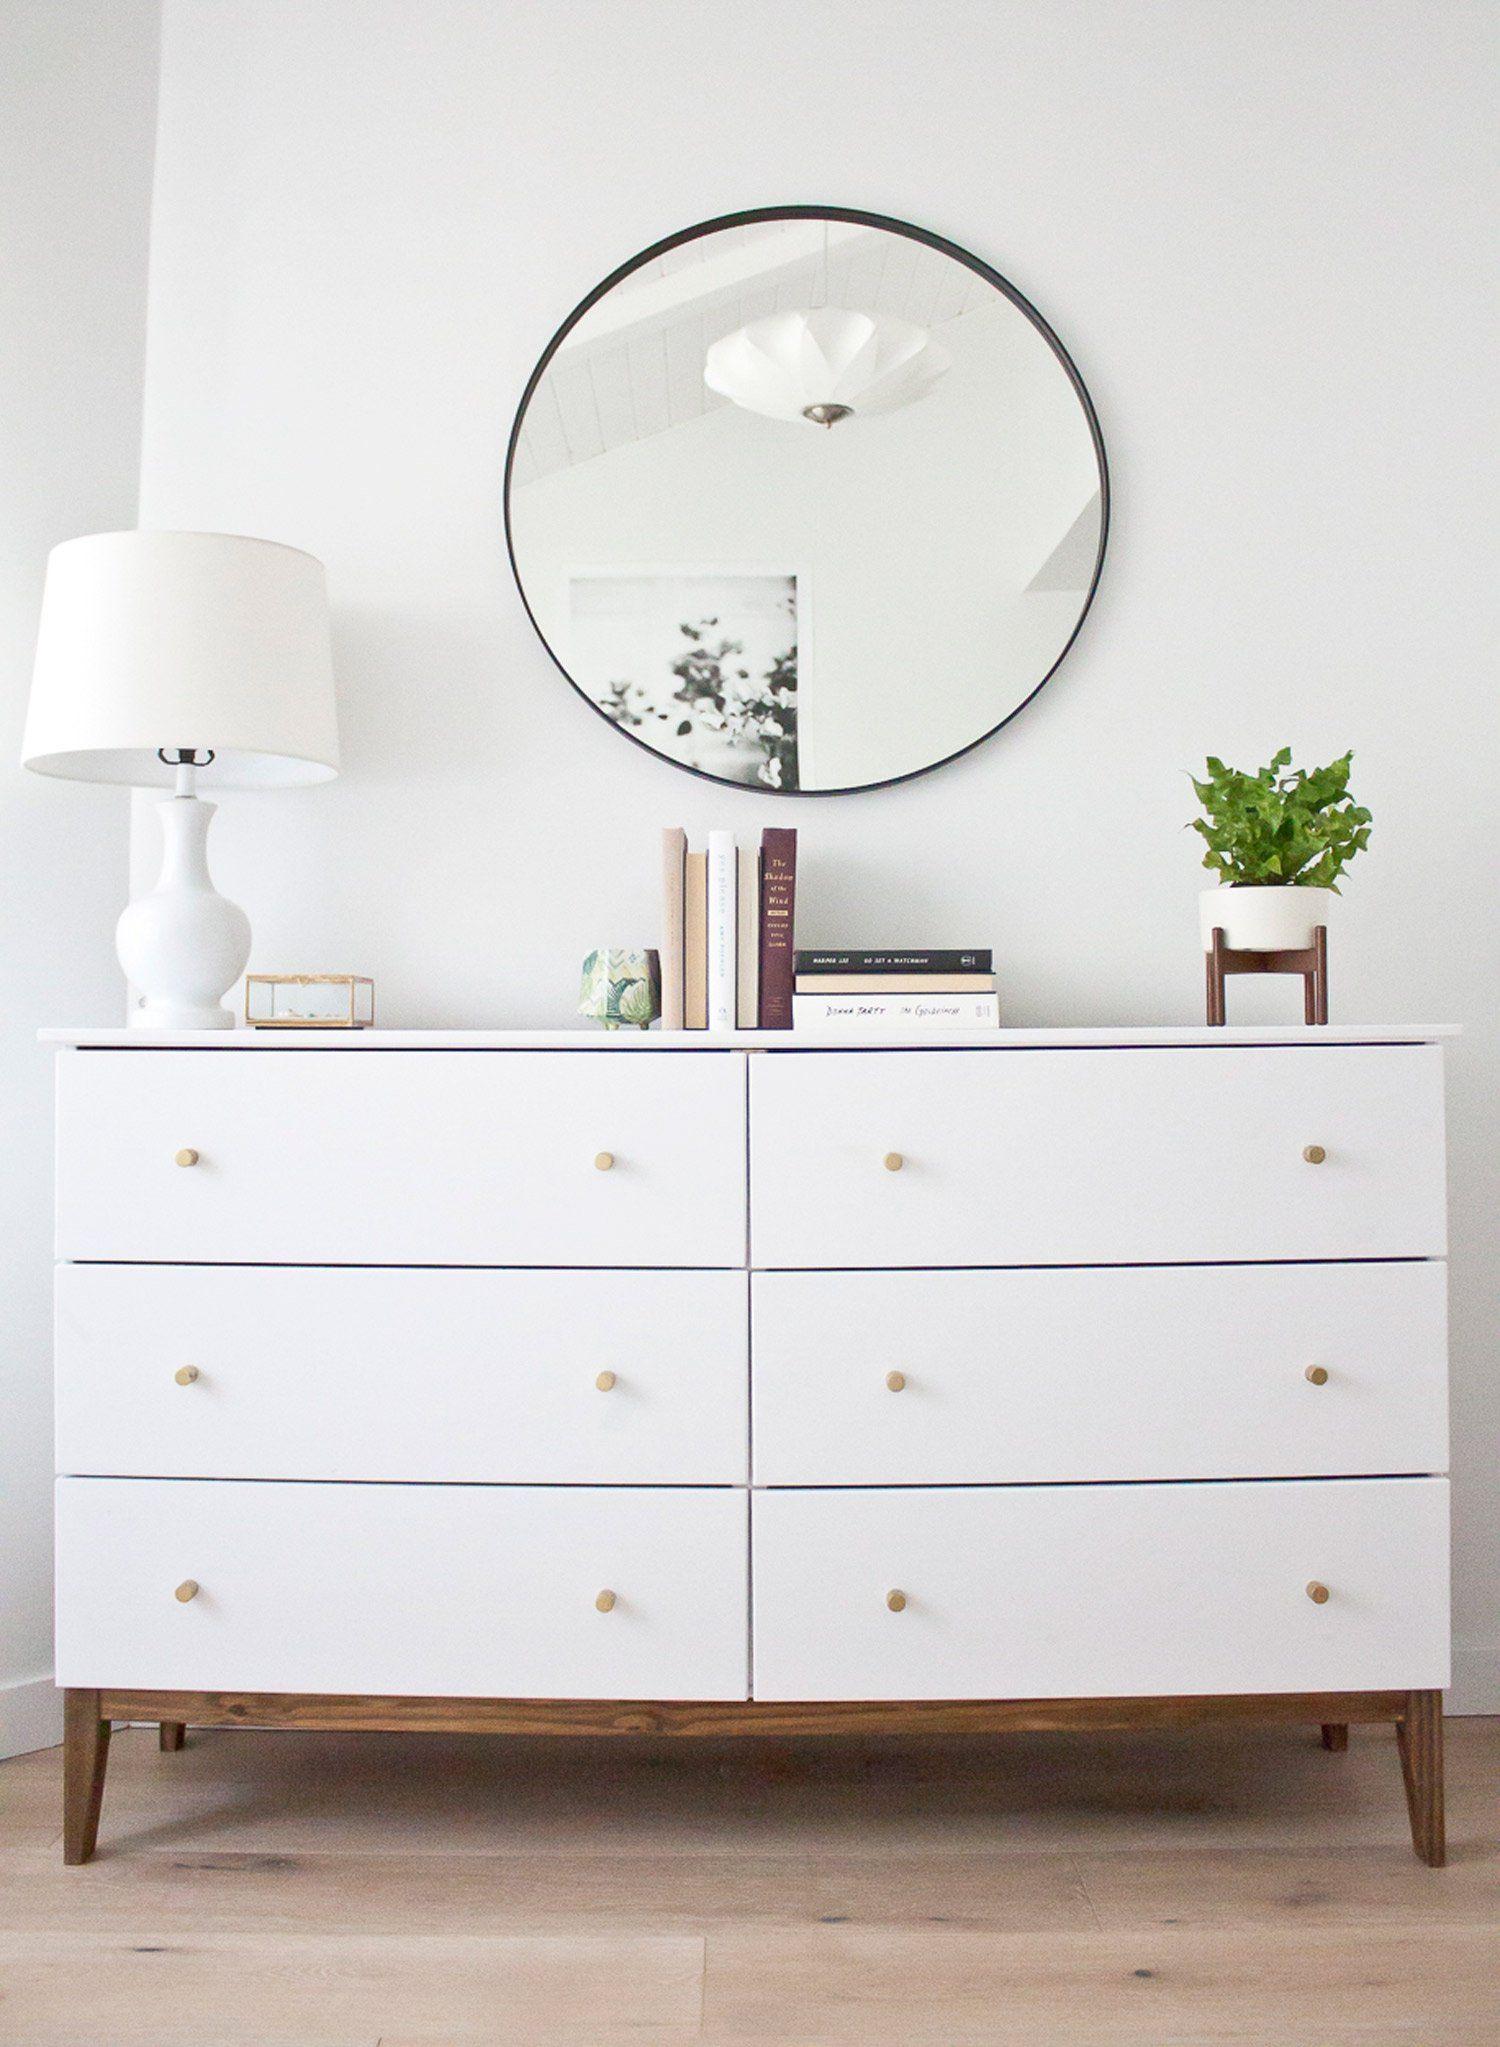 How To Make An Ikea Dresser Look Like A Midcentury Splurge Ikea